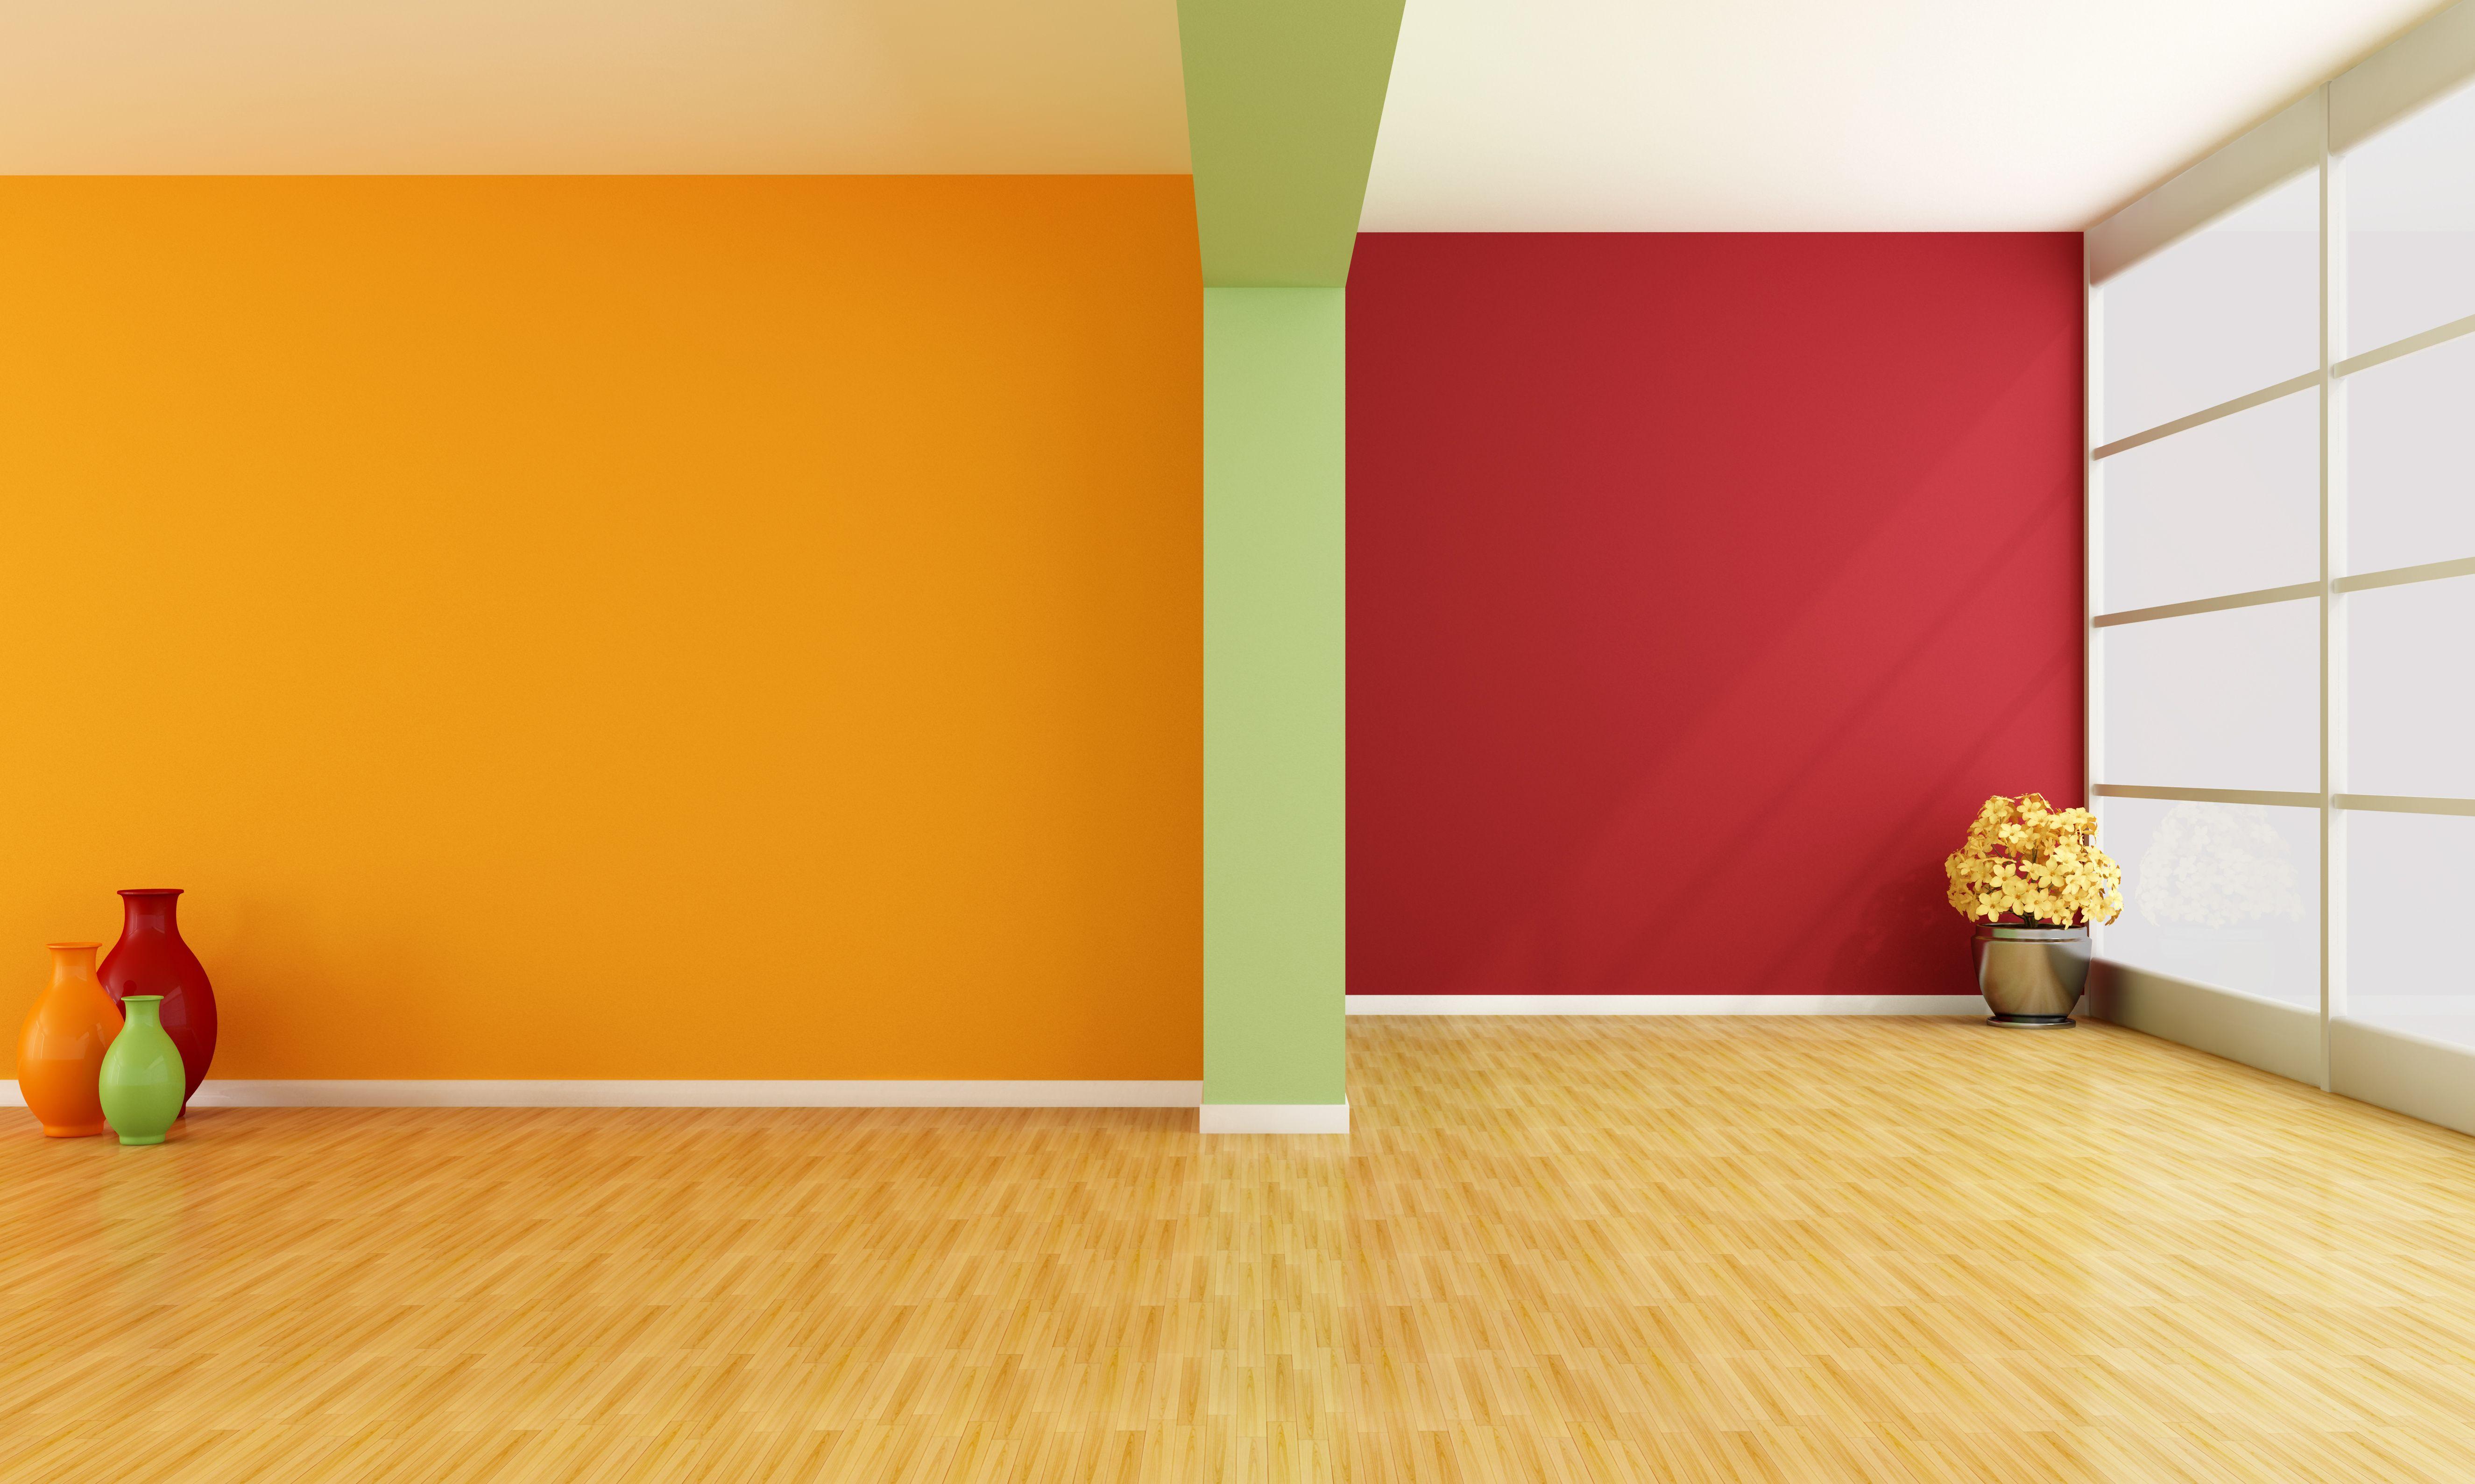 Color Y Espacios Di Fanos Qu Te Parece Ahoram S Reformas